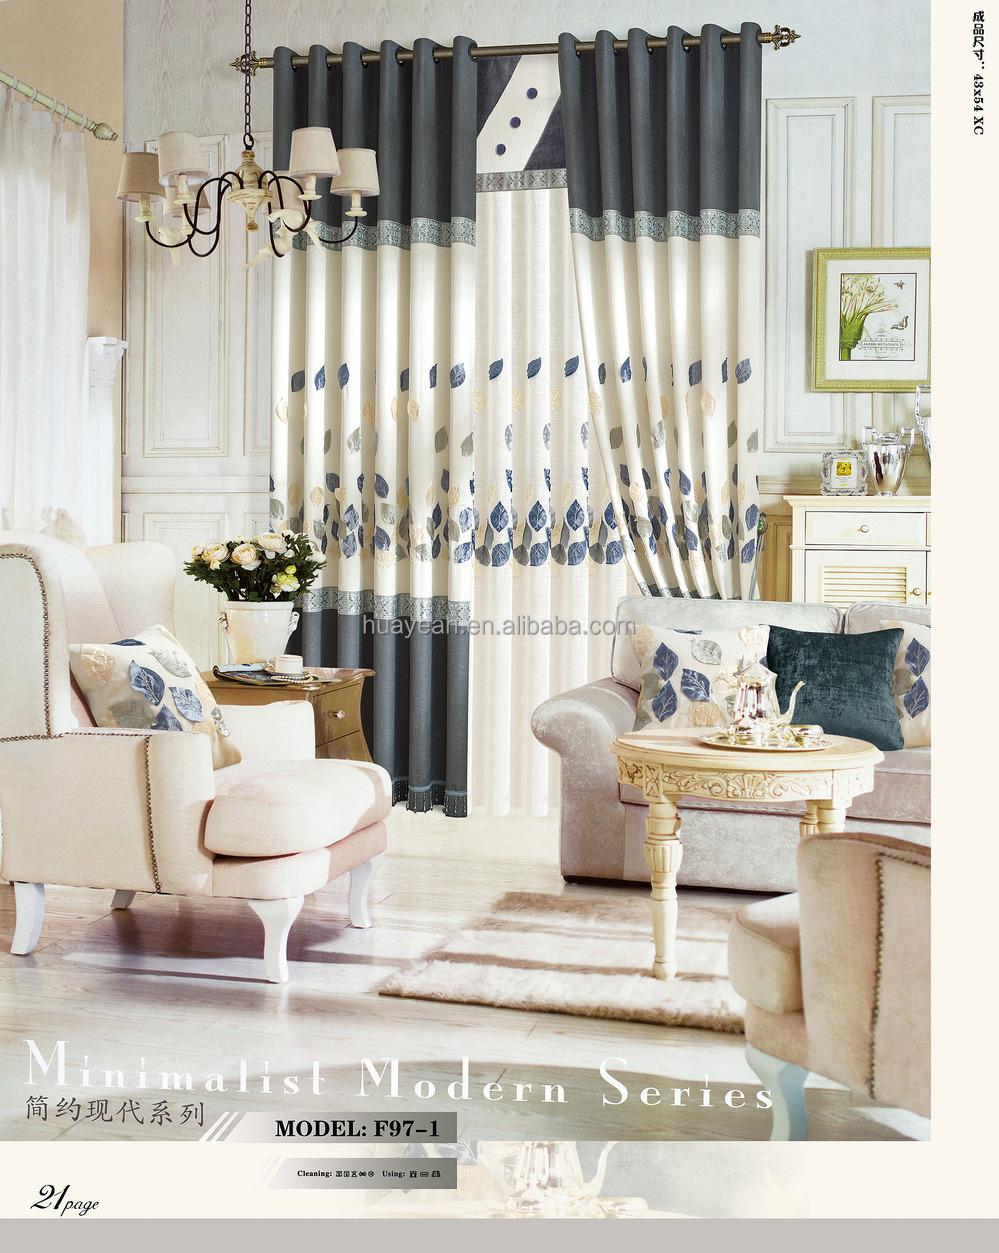 Photo De Rideau Pour Fenetre nouveau modèle simple de rideau de fenêtre de conception de feuille pour le  salon - buy nouveau modèle de rideau de fenêtre,rideaux de fenêtre pour